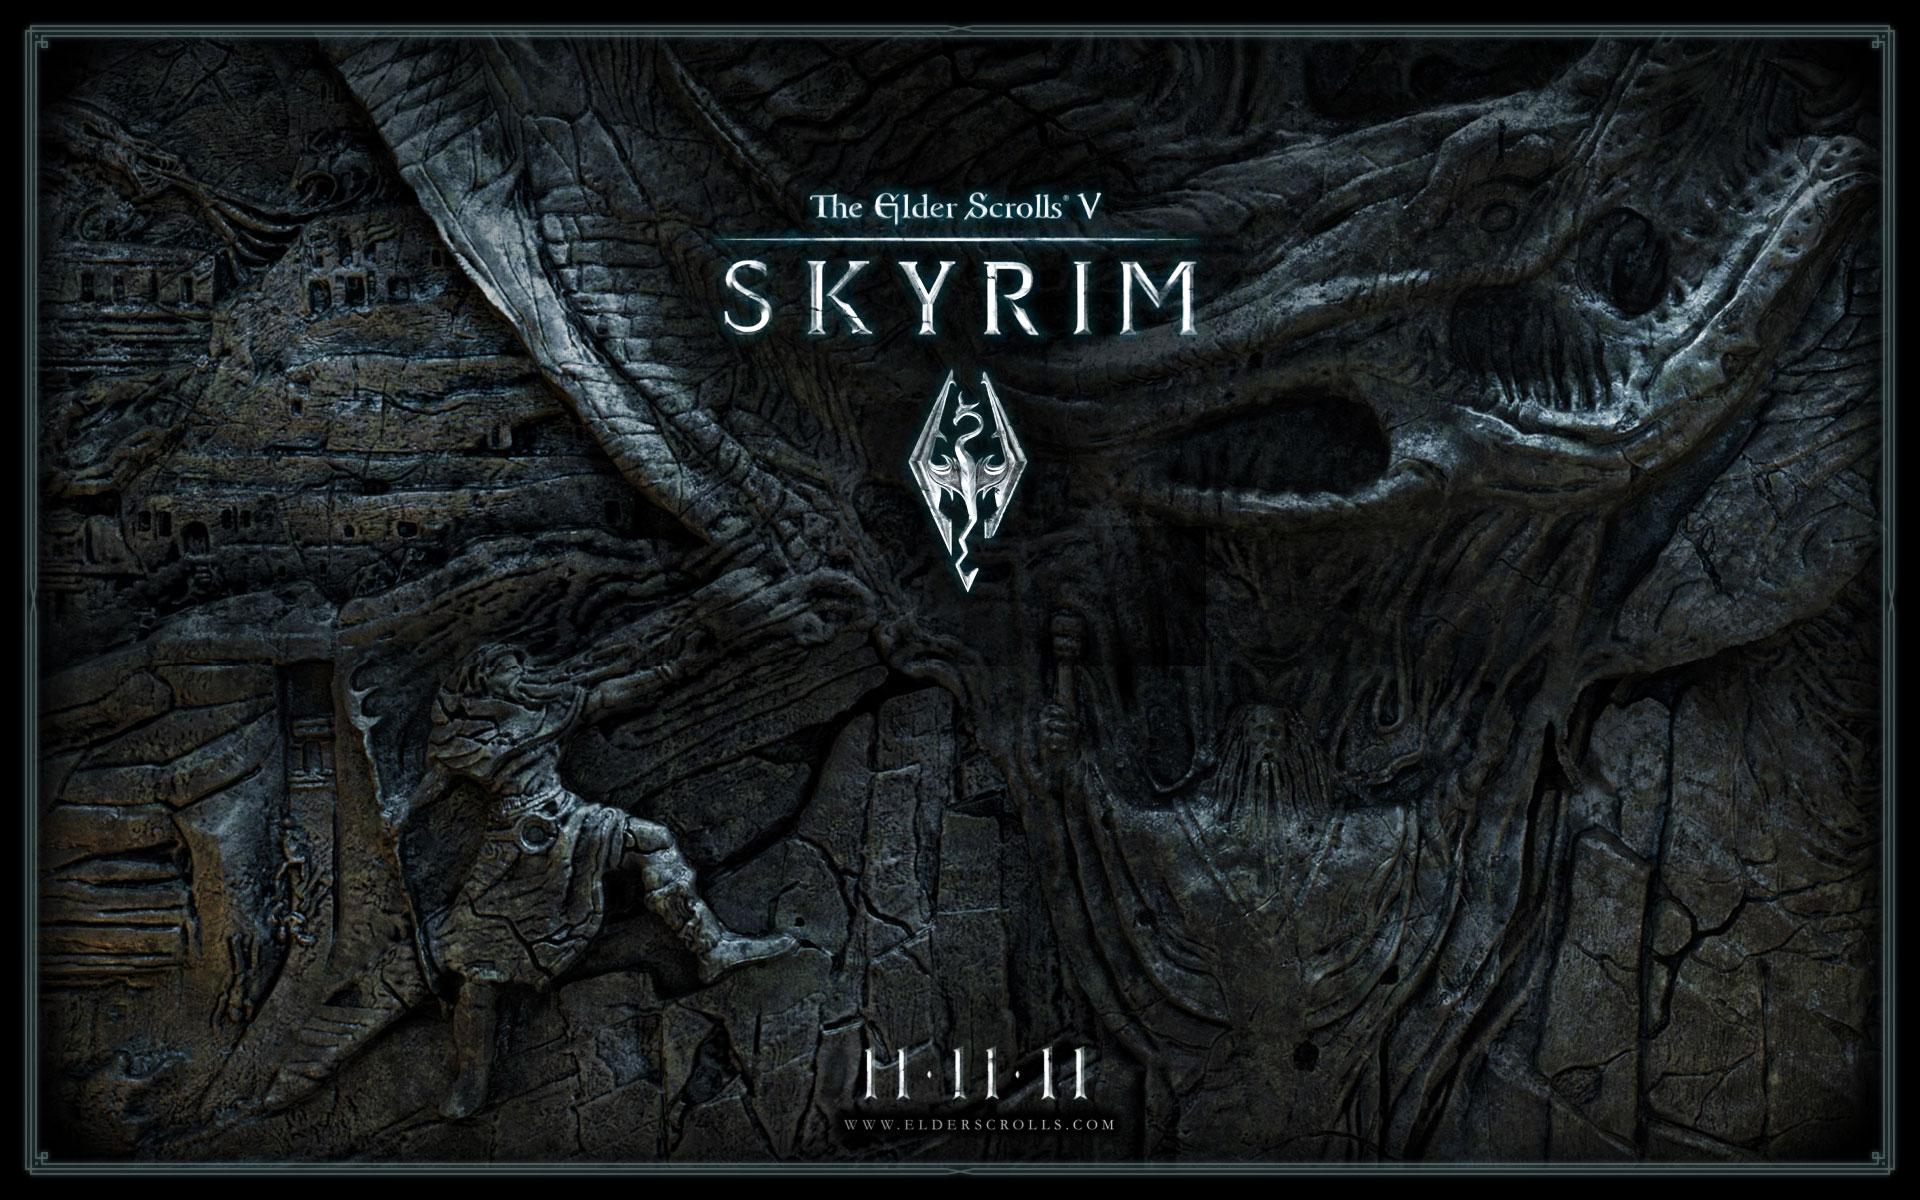 The-Elder-Scrolls-5-Skyrim-vampir